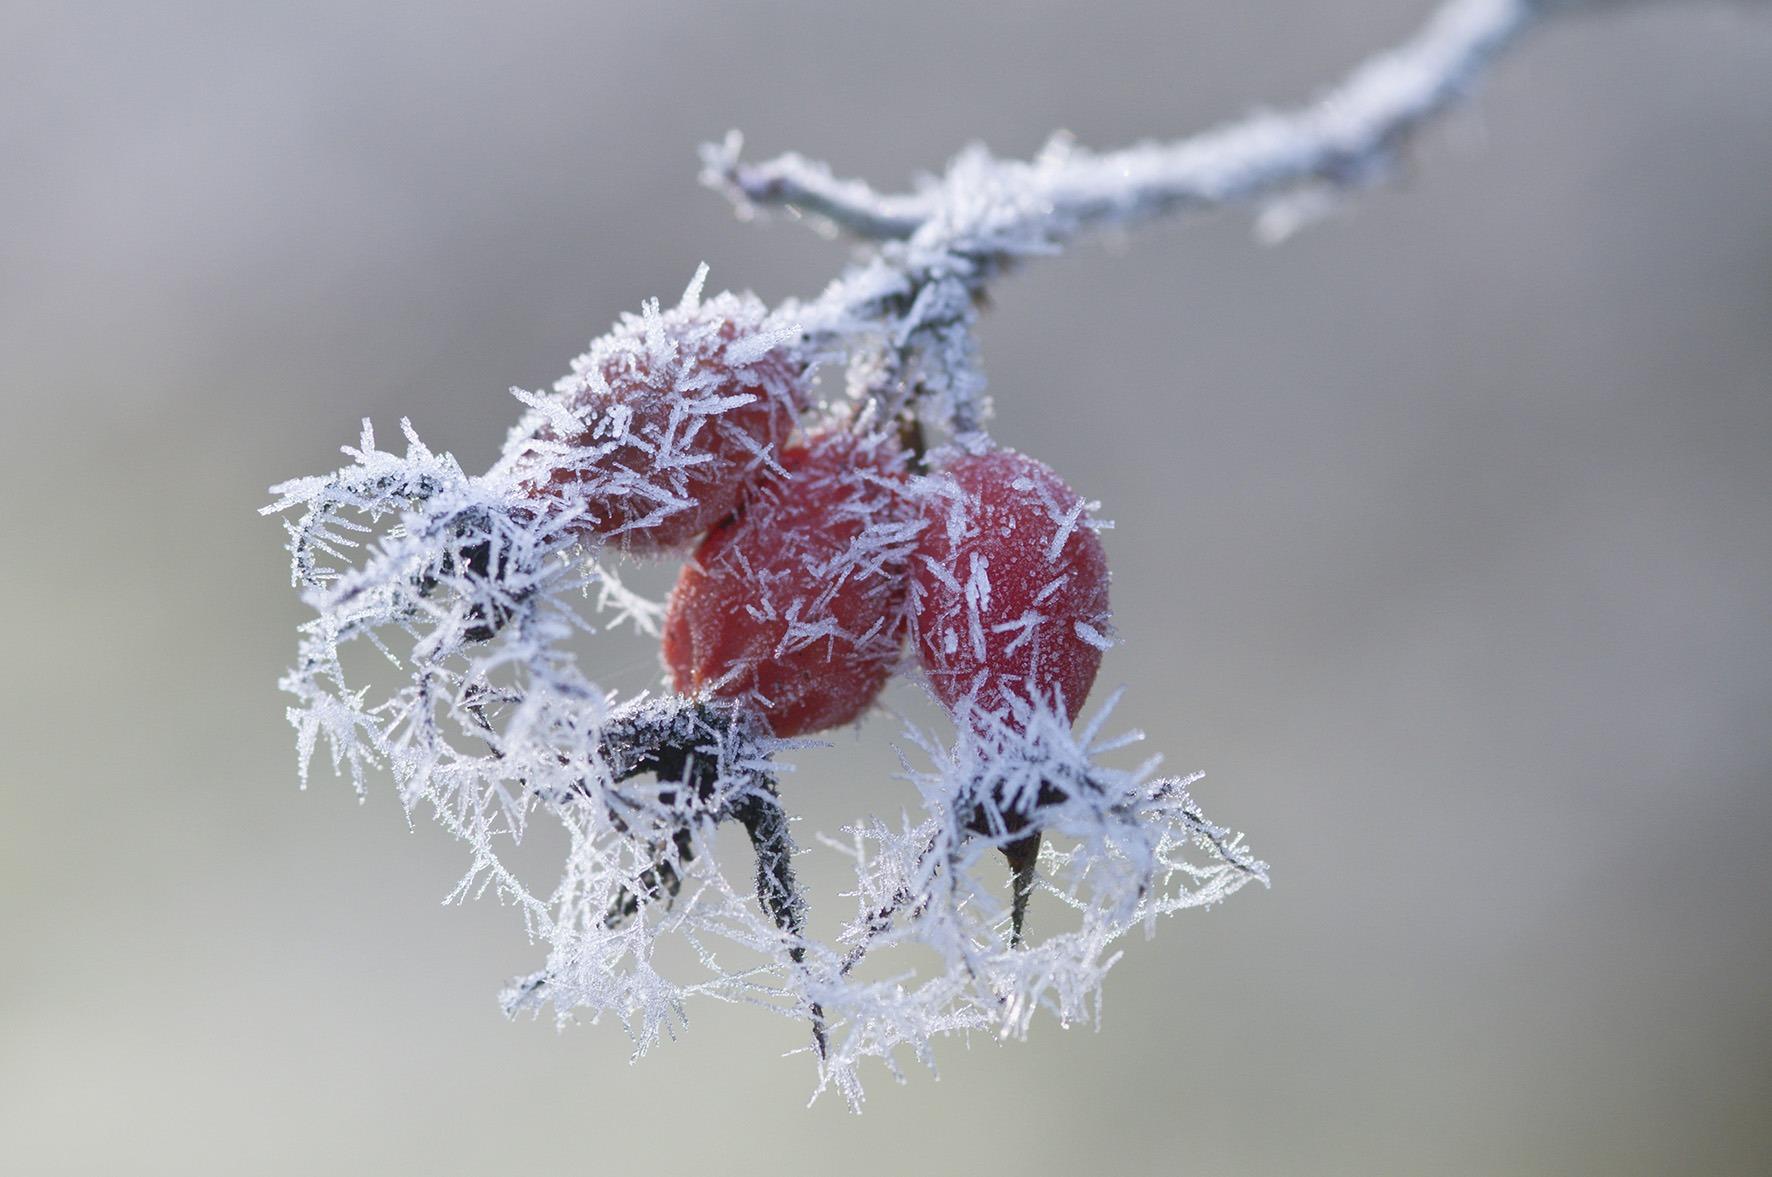 Con le prime gelate notturne i frutti della rosa canina maturano diventando teneri e morbidi, pronti per essere raccolti.